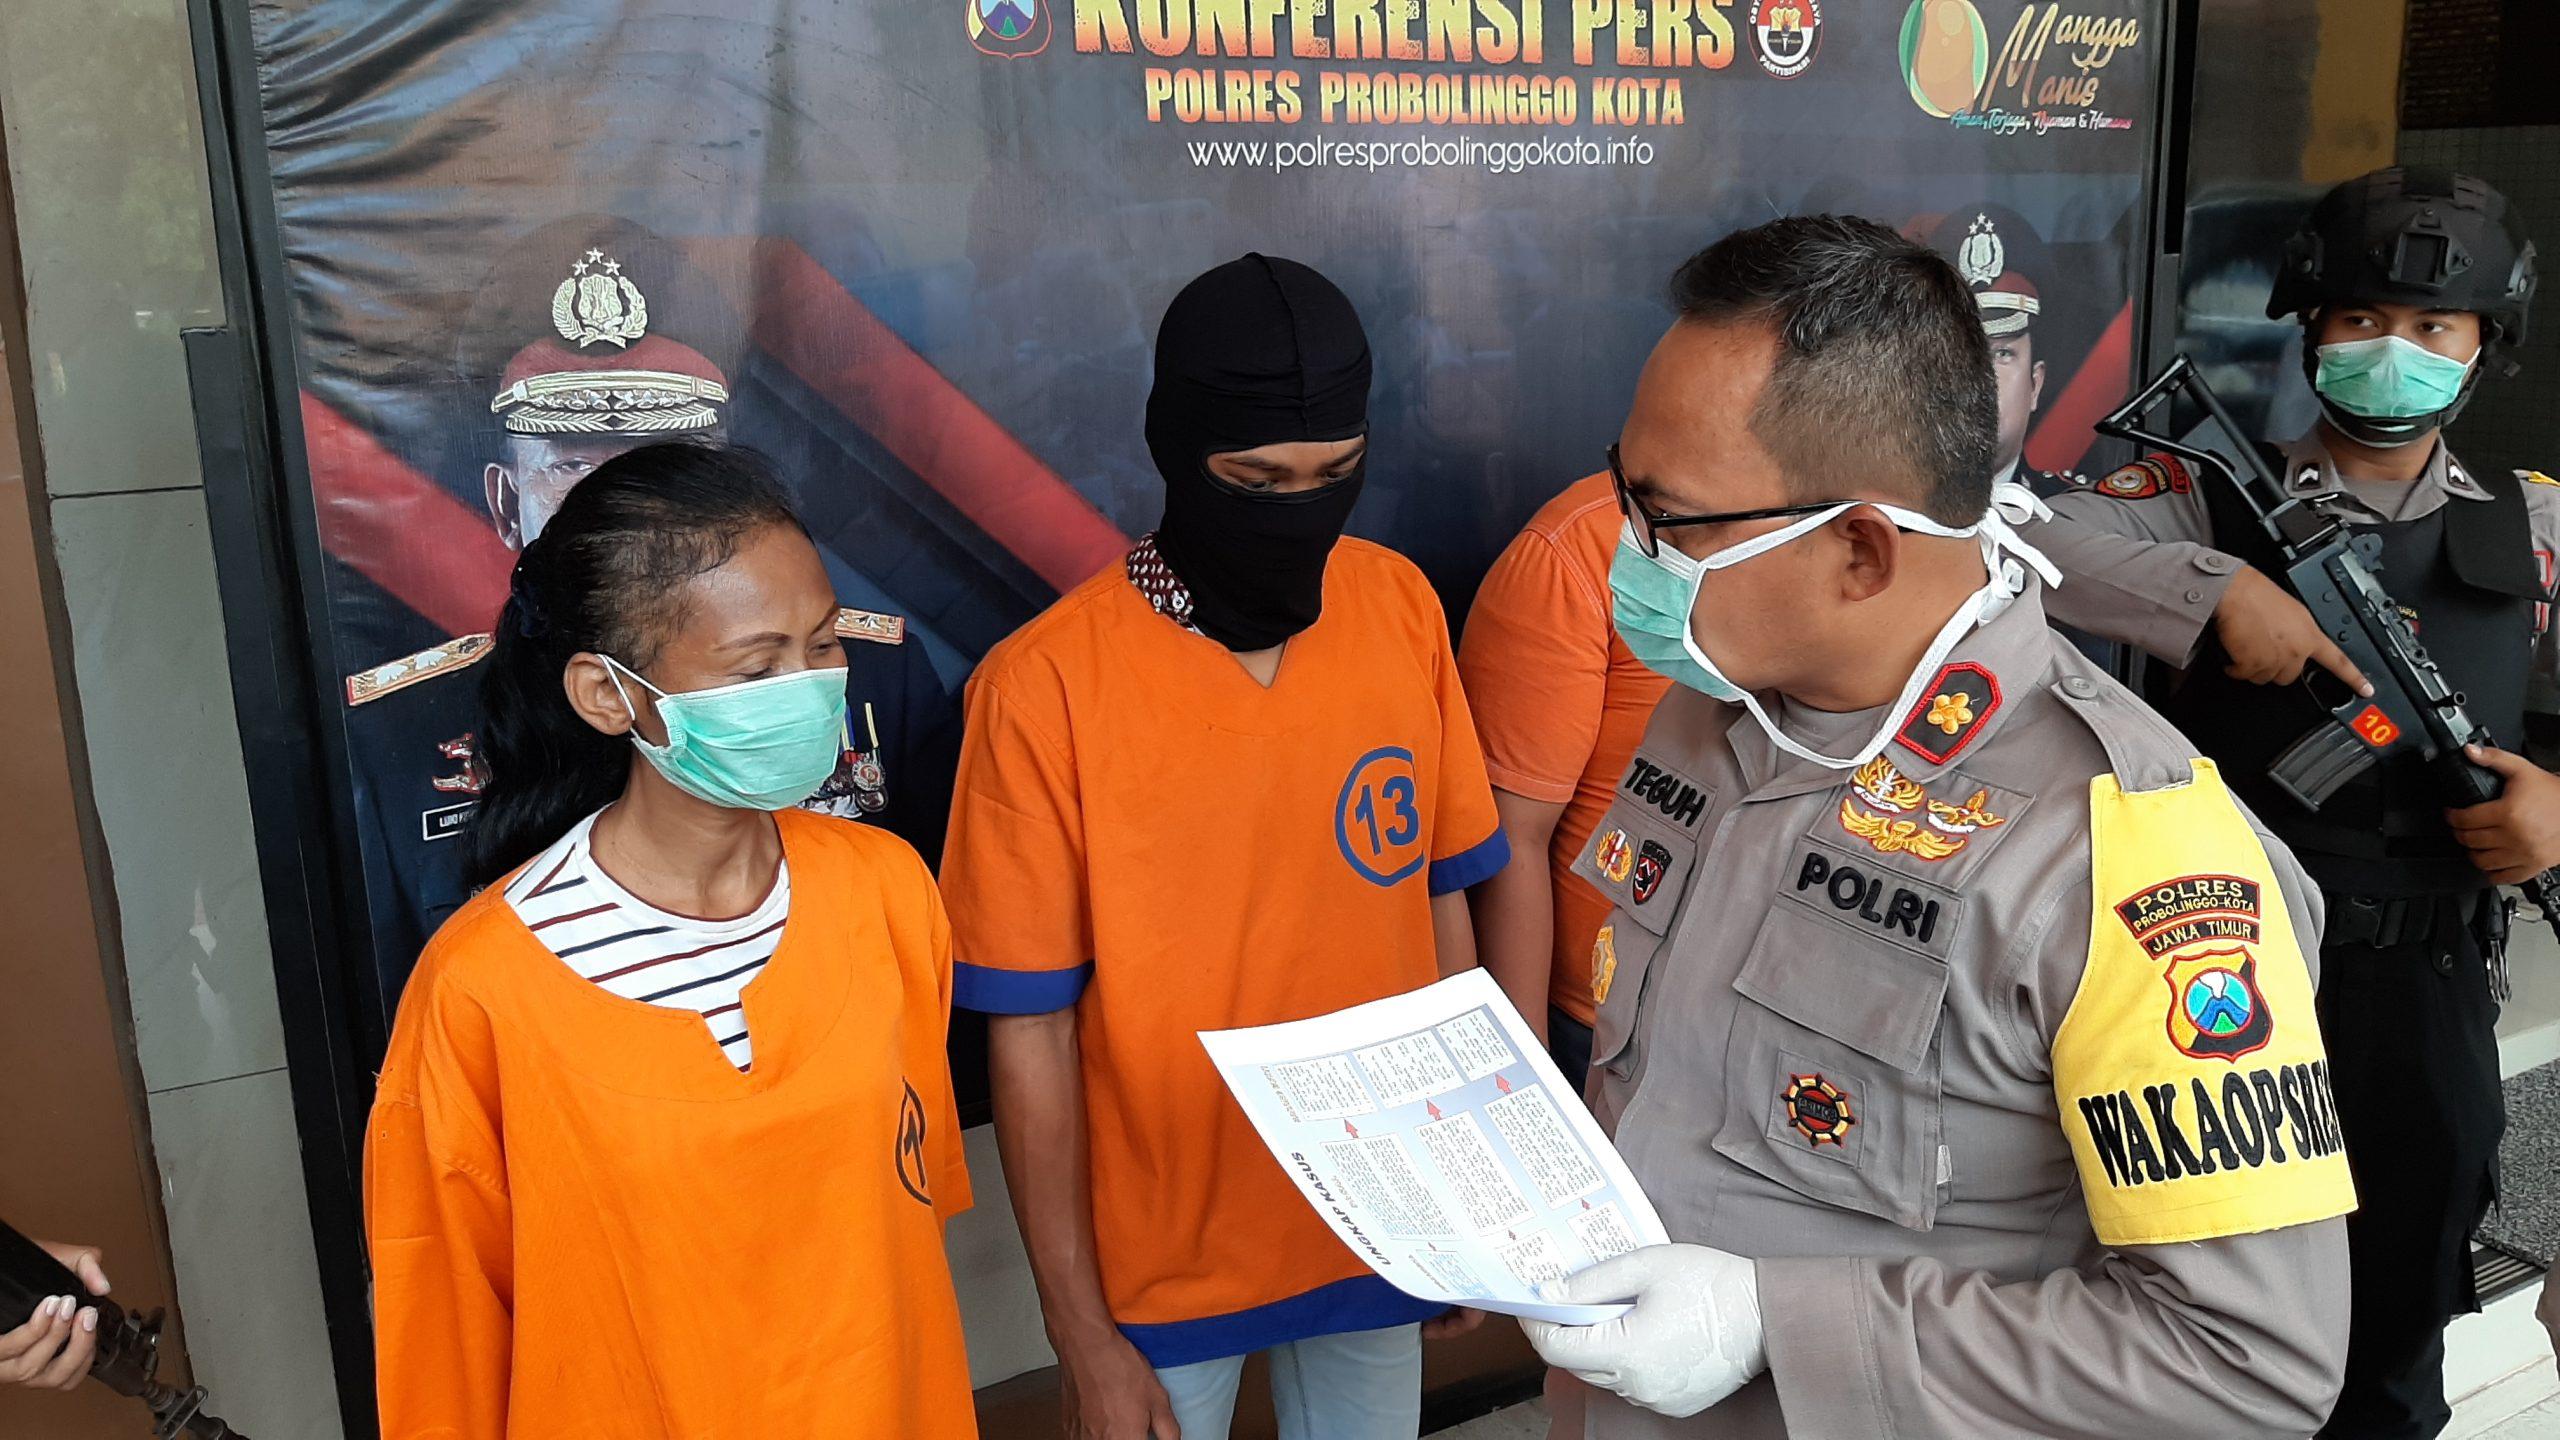 Janda 1 Anak Edarkan Sabu di Probolinggo, Dibekuk Polisi